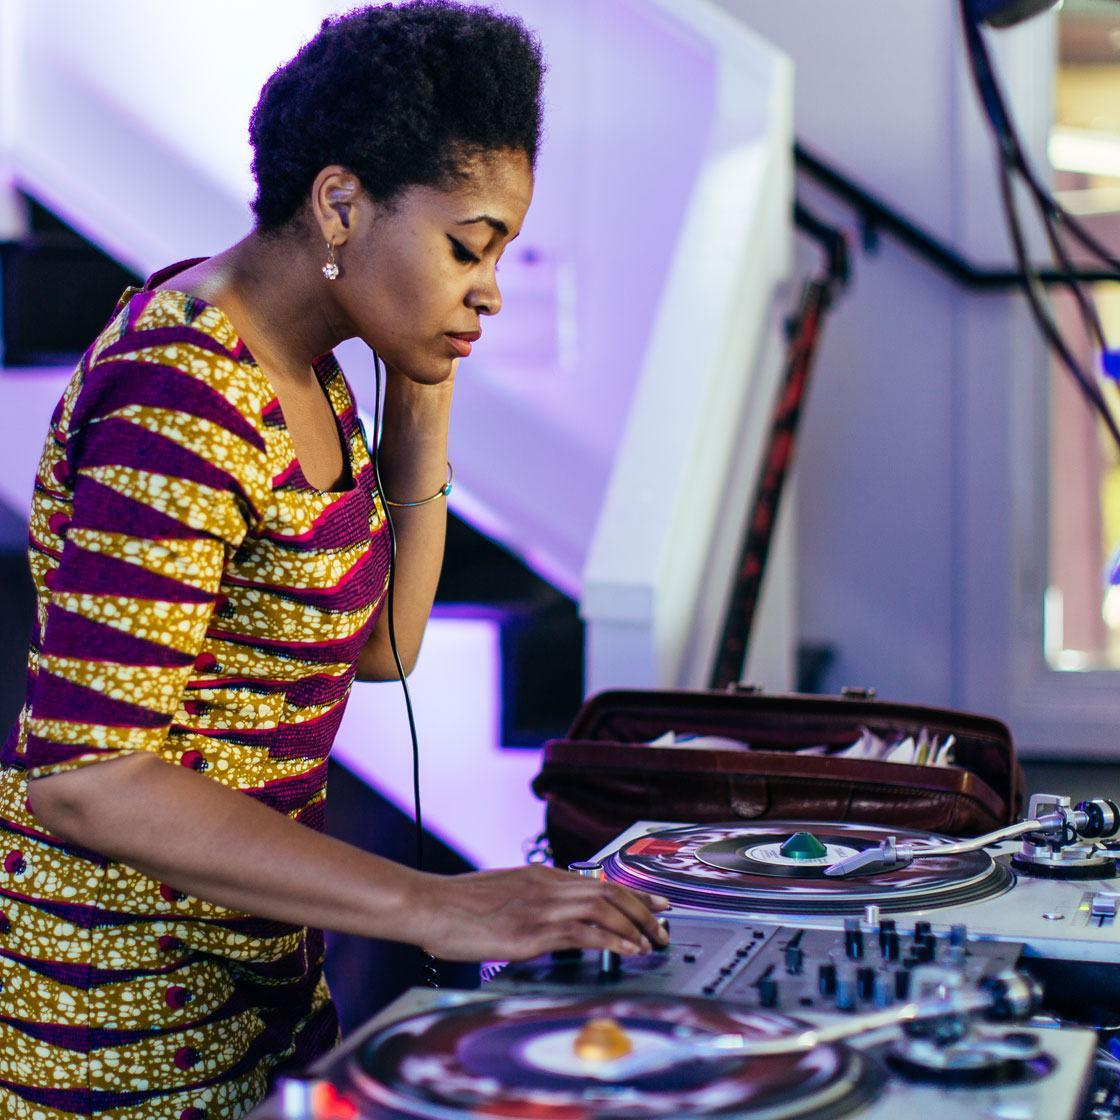 A DJ spinning